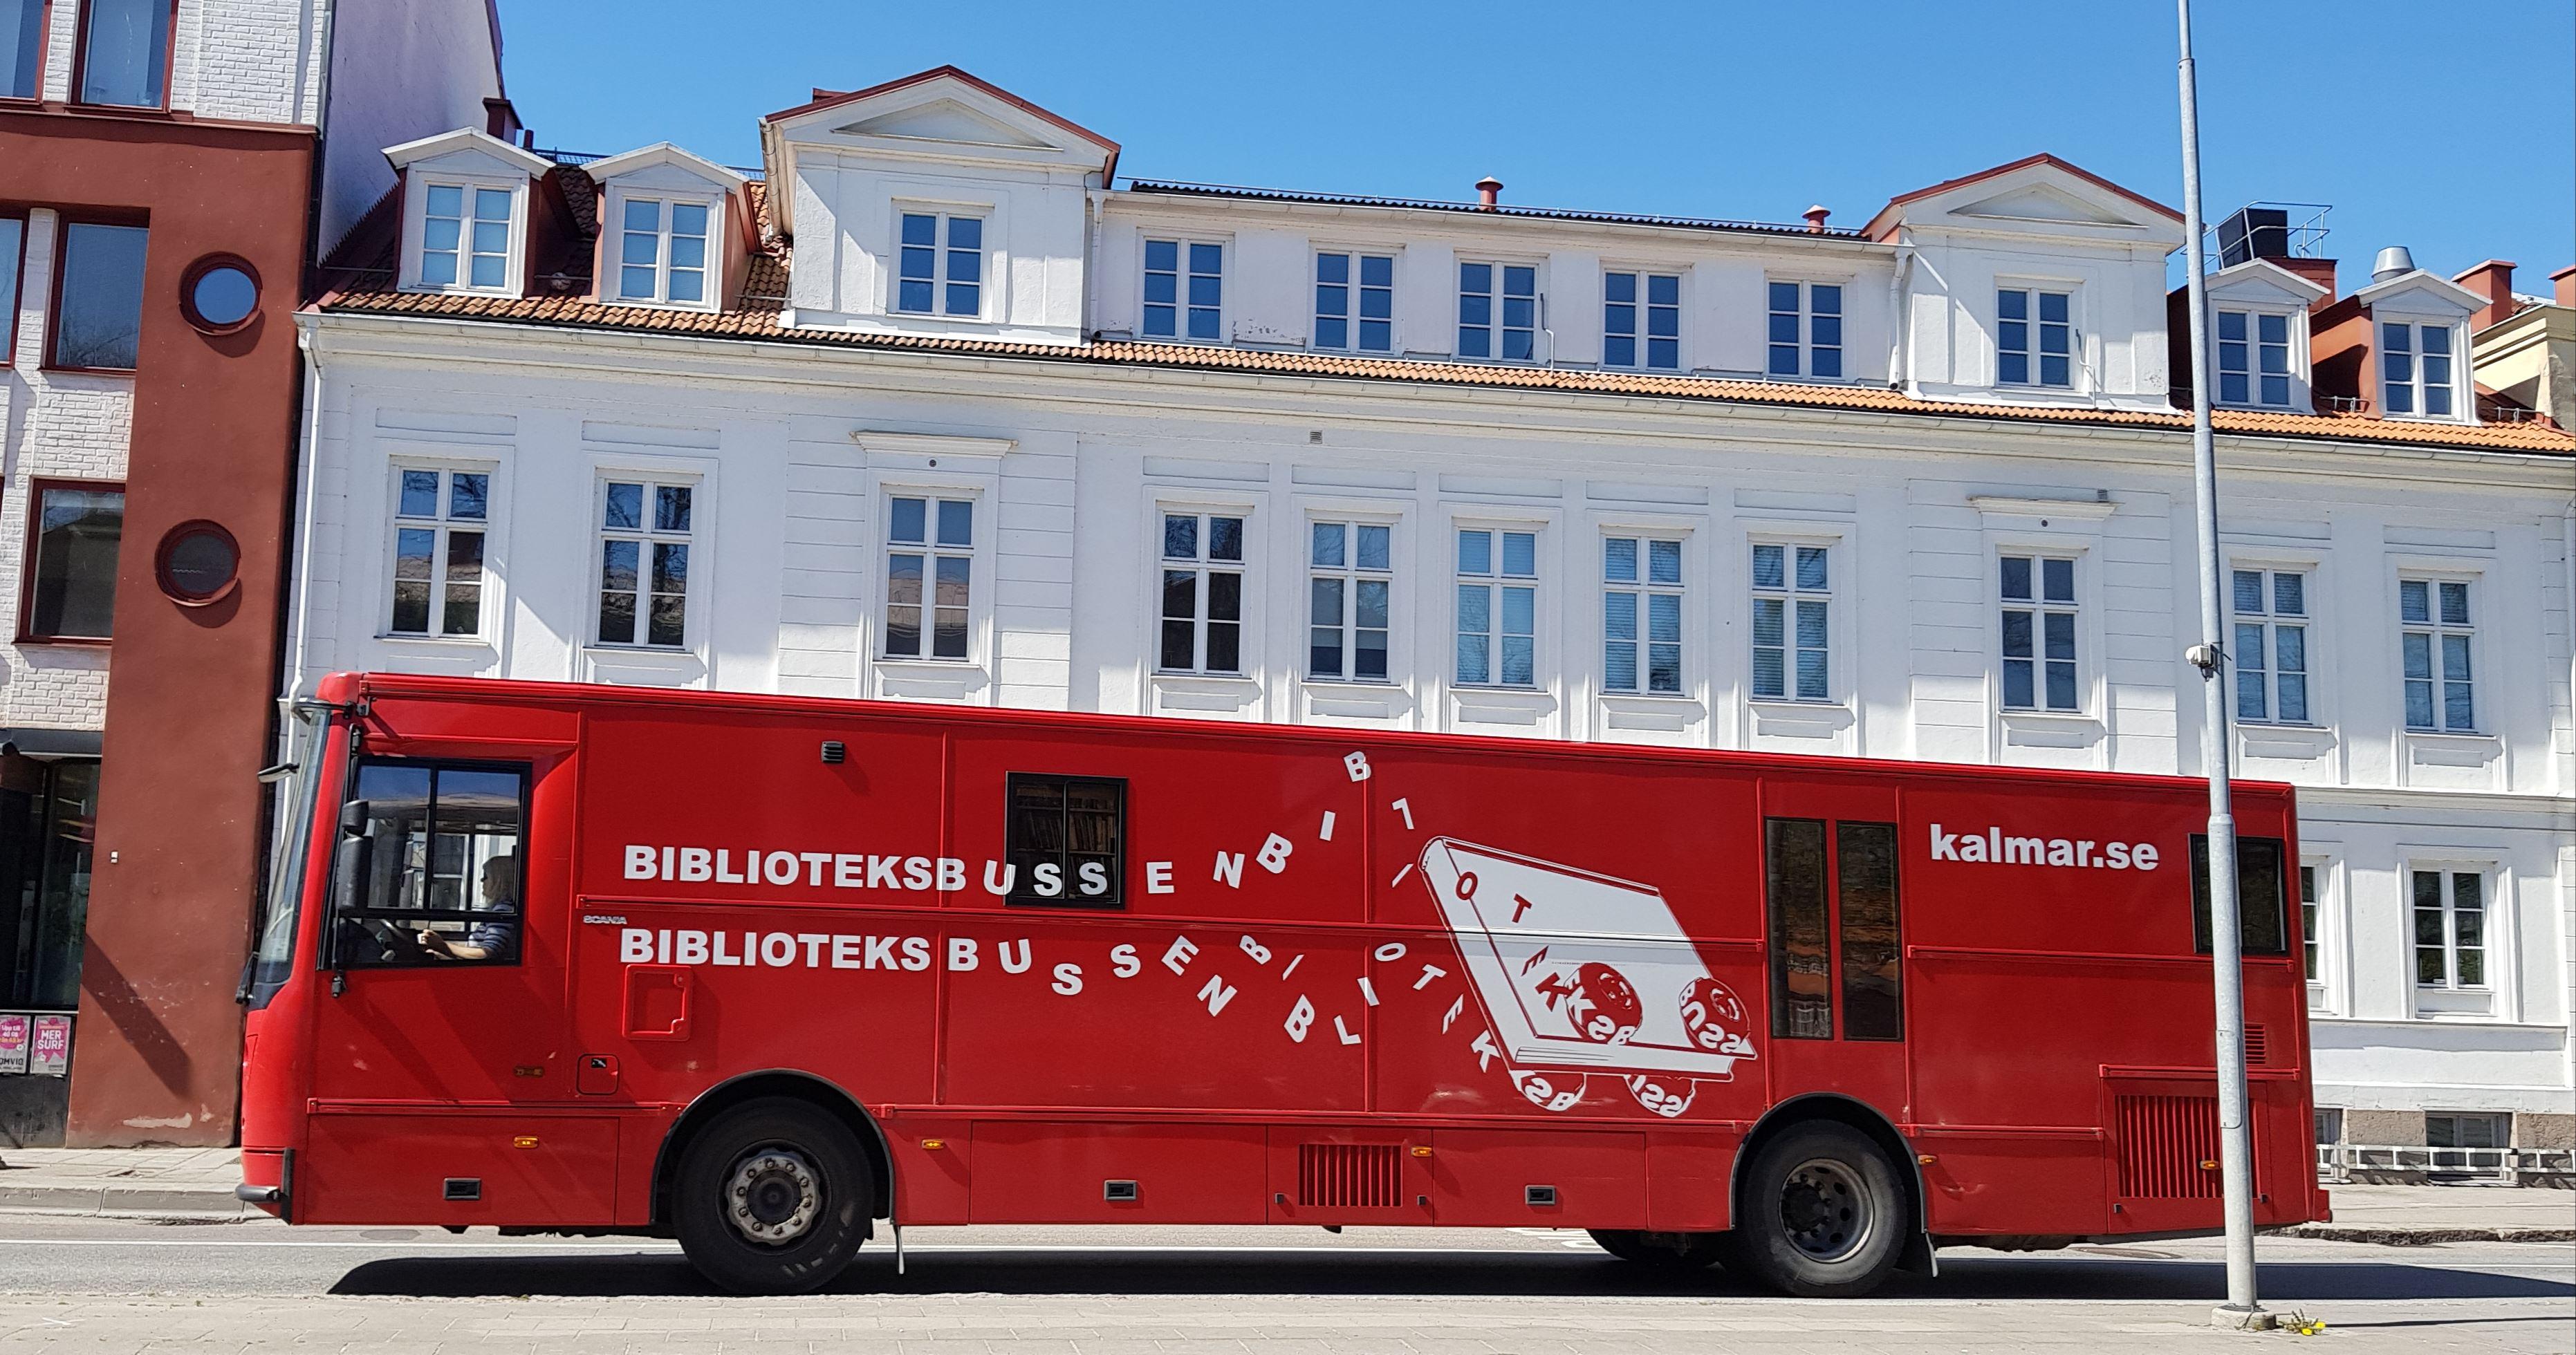 Låna böcker i biblioteksbussen